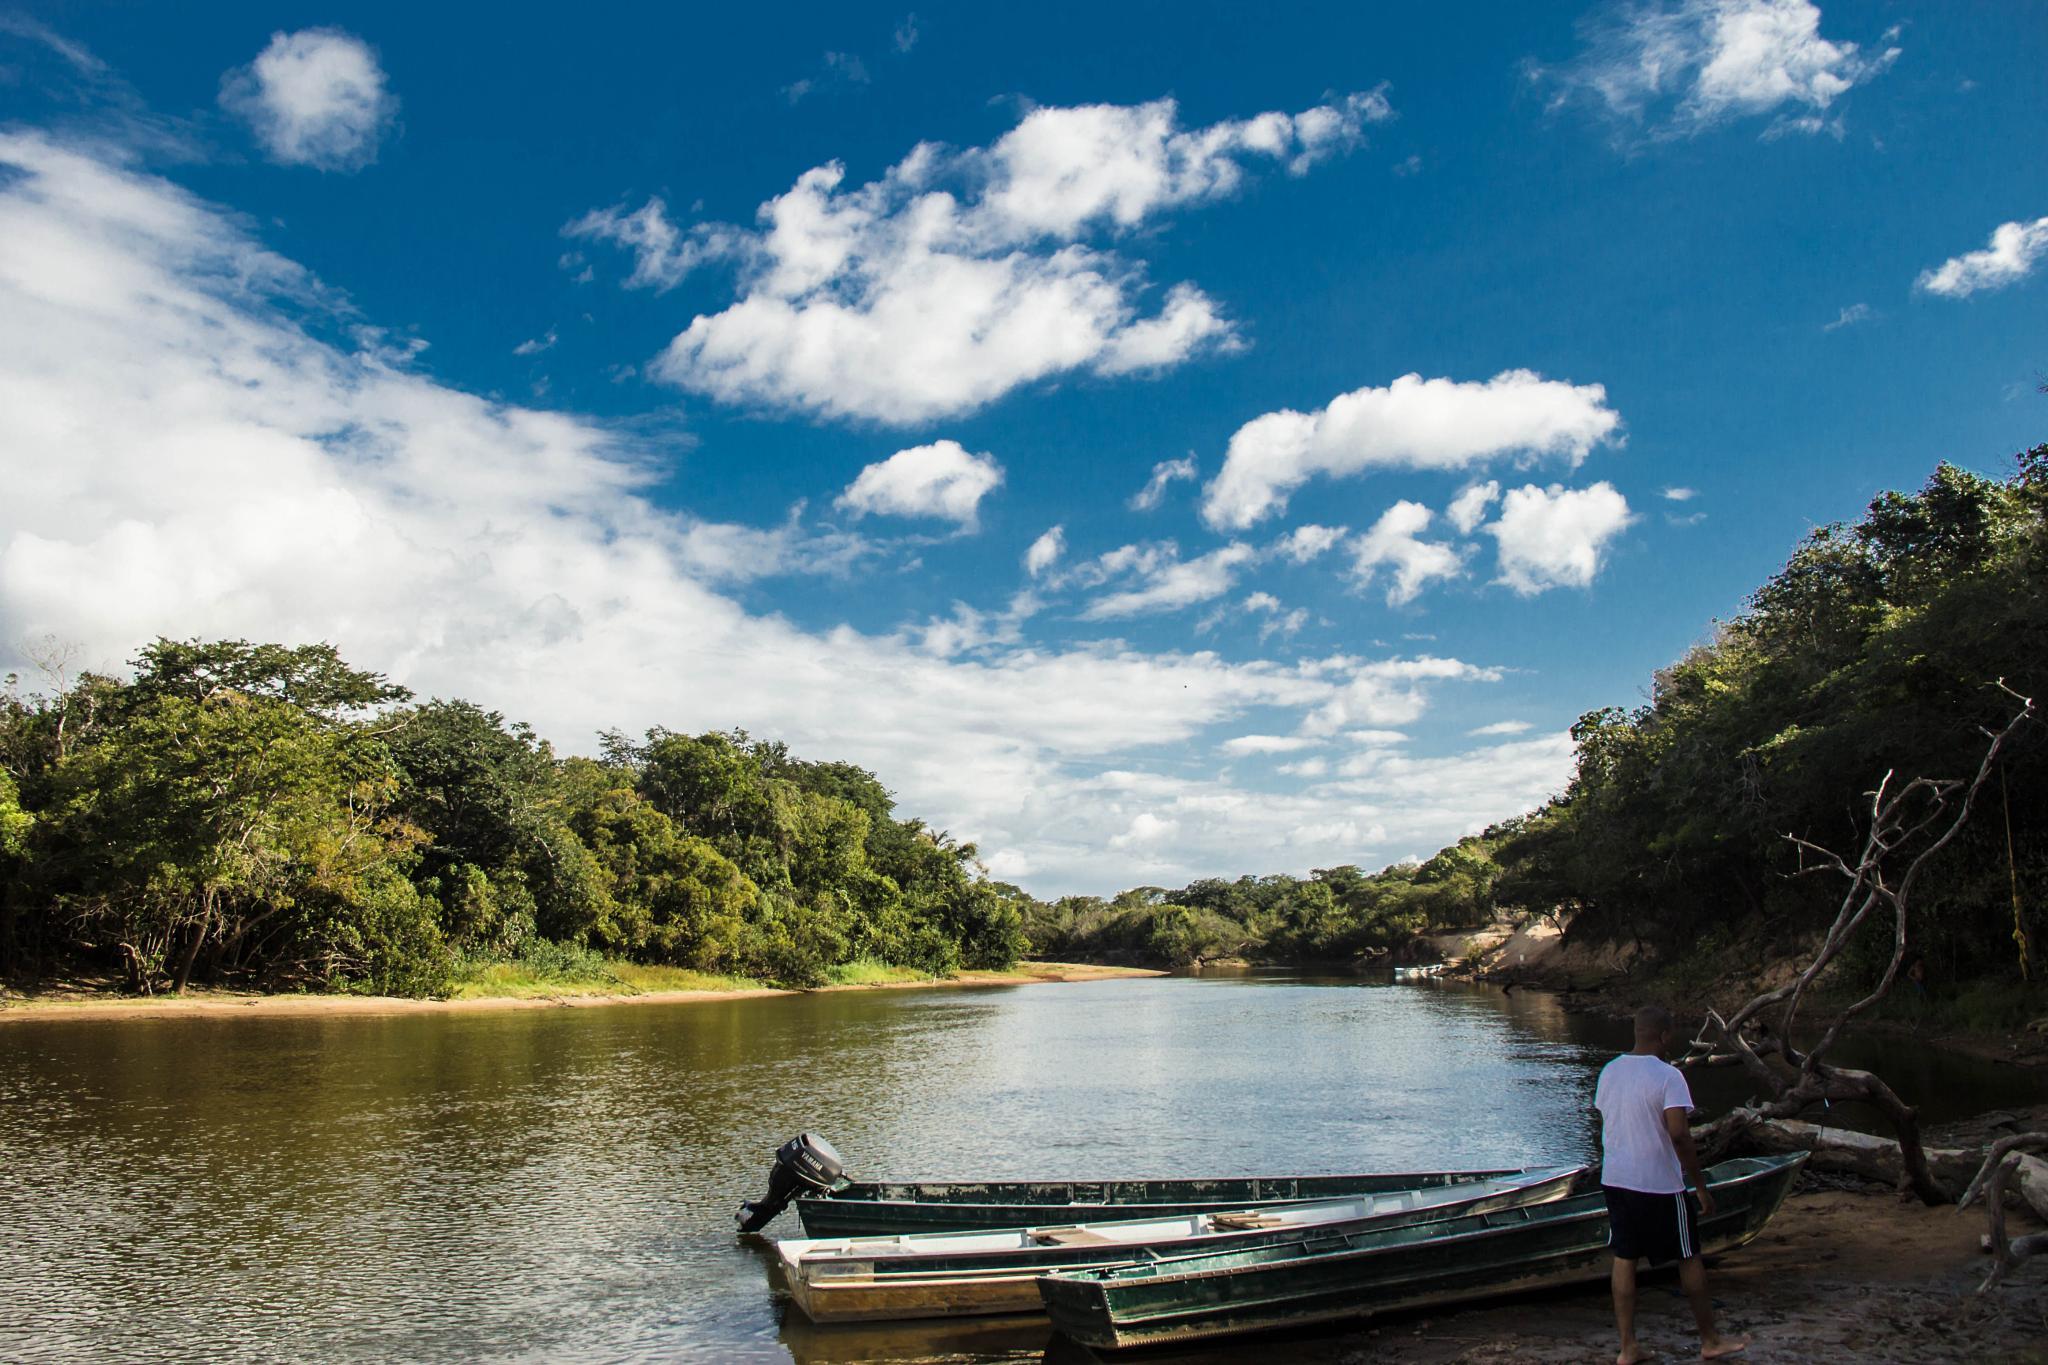 Rupununi River by Angela Singh